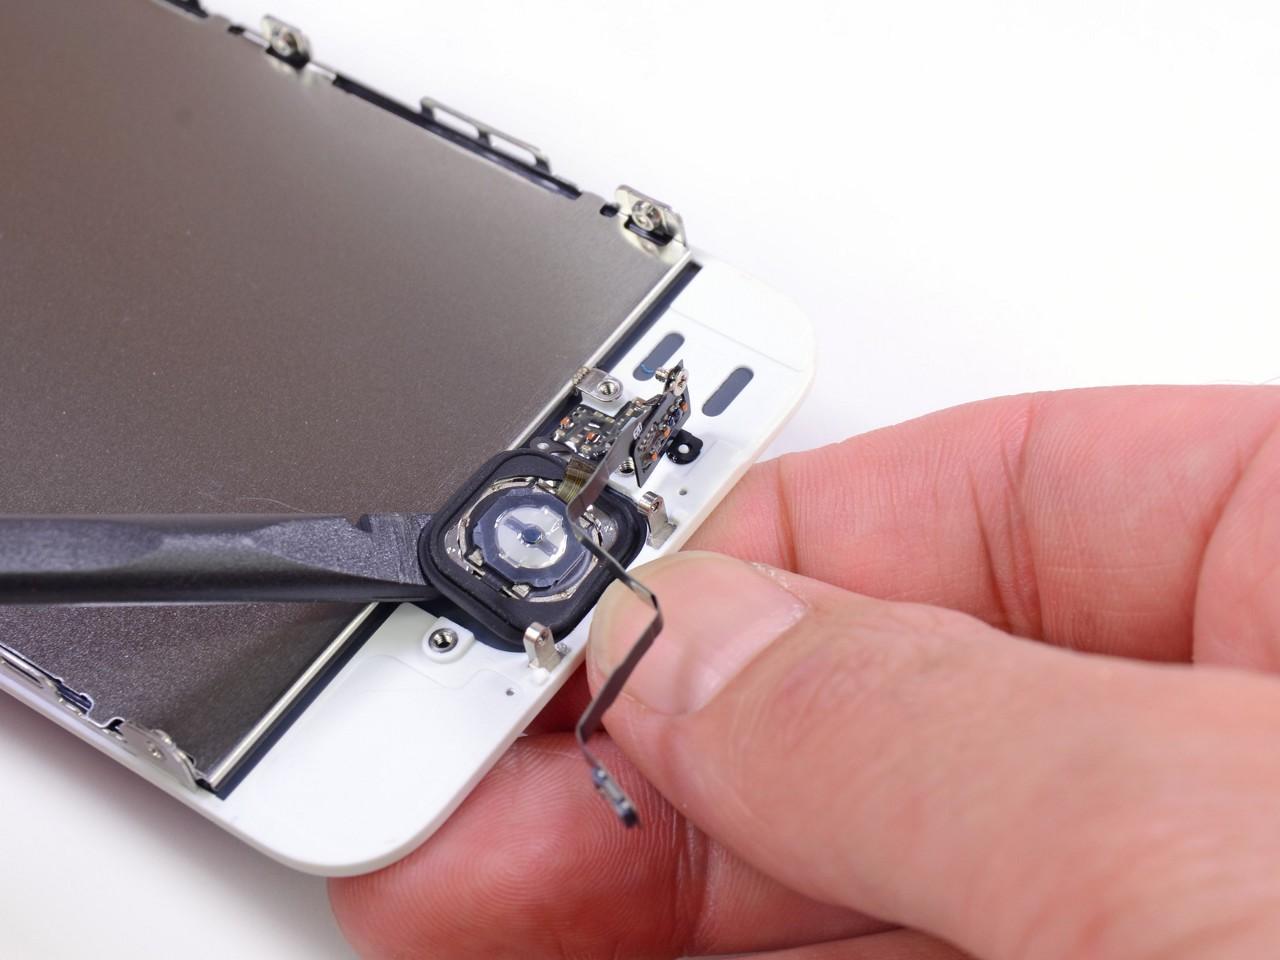 Теперь в случае преждевременного разряда аккумулятора (который у 5s и вправду оказался лишь чуть более ёмким, нежели у предыдущих моделей, - 1 440 мА•ч), пользователь iPhone сможет запустить его, покрутив прилагающуюся ручку (фото: iFixIt.com).